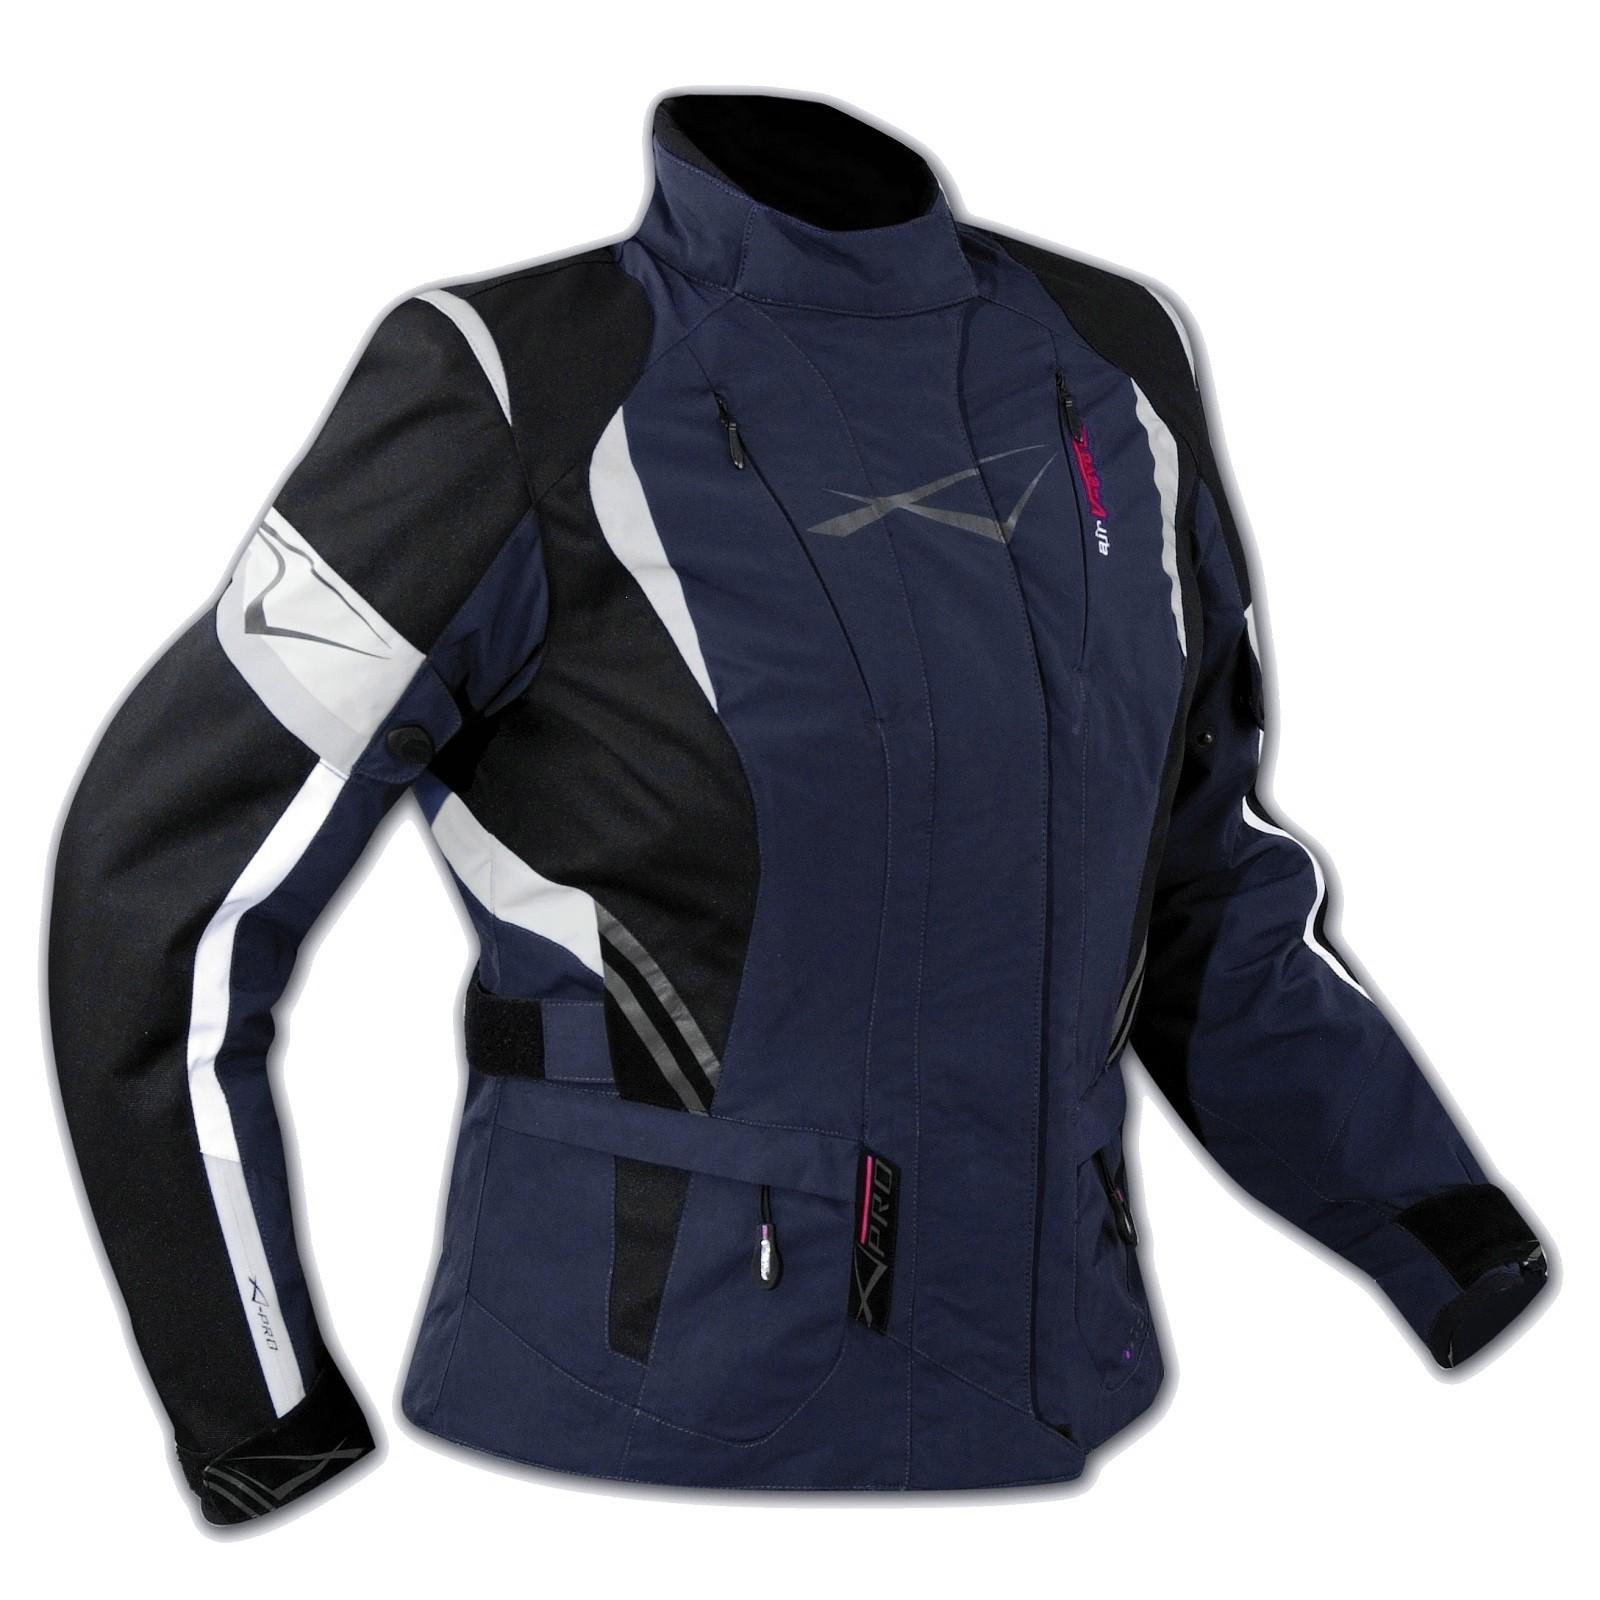 Textil jacke Motorrad Touring Damen Protektoren Thermofutter Wasserdicht Blau